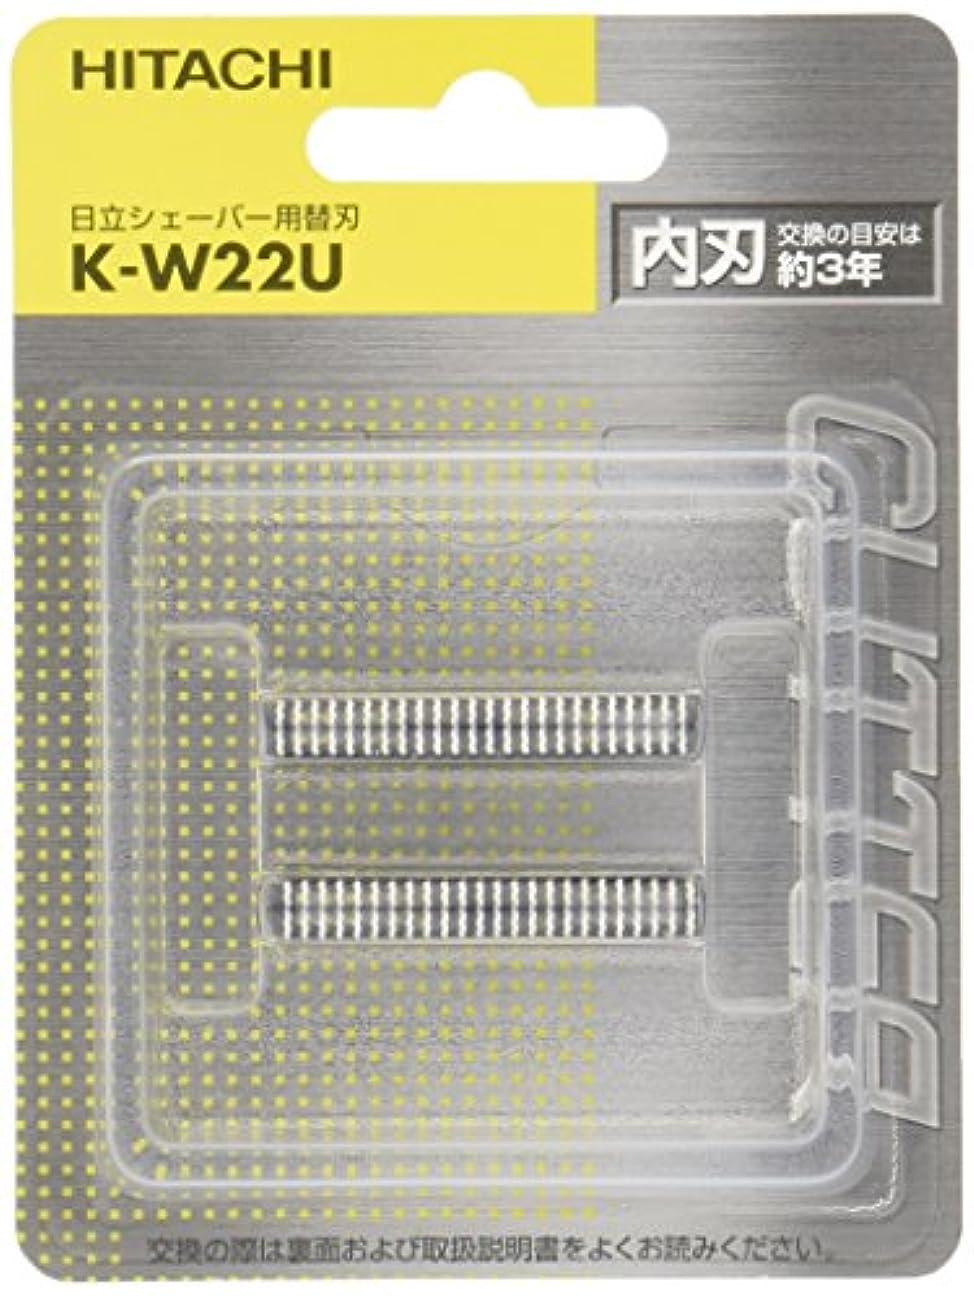 パワーセルクッションオフセット日立 シェーバー用替刃(内刃) K-W22U